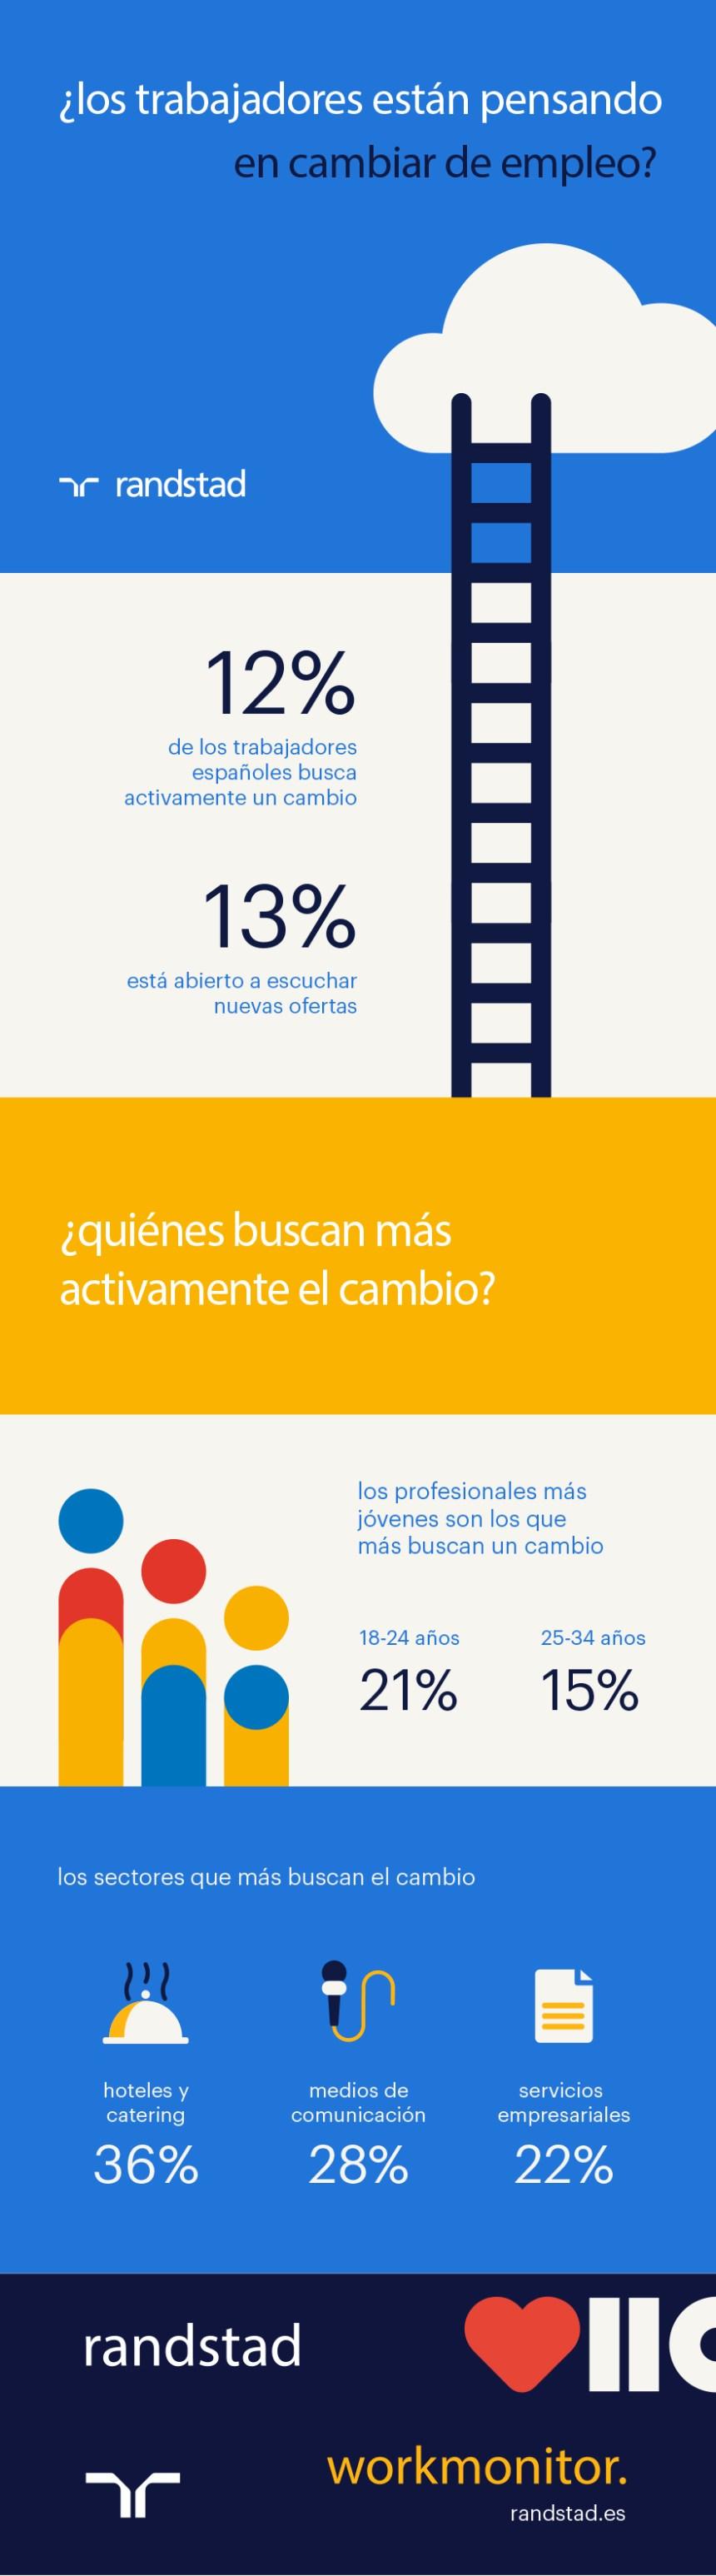 ¿Los trabajadores españoles están pensando en cambiar de Empleo?